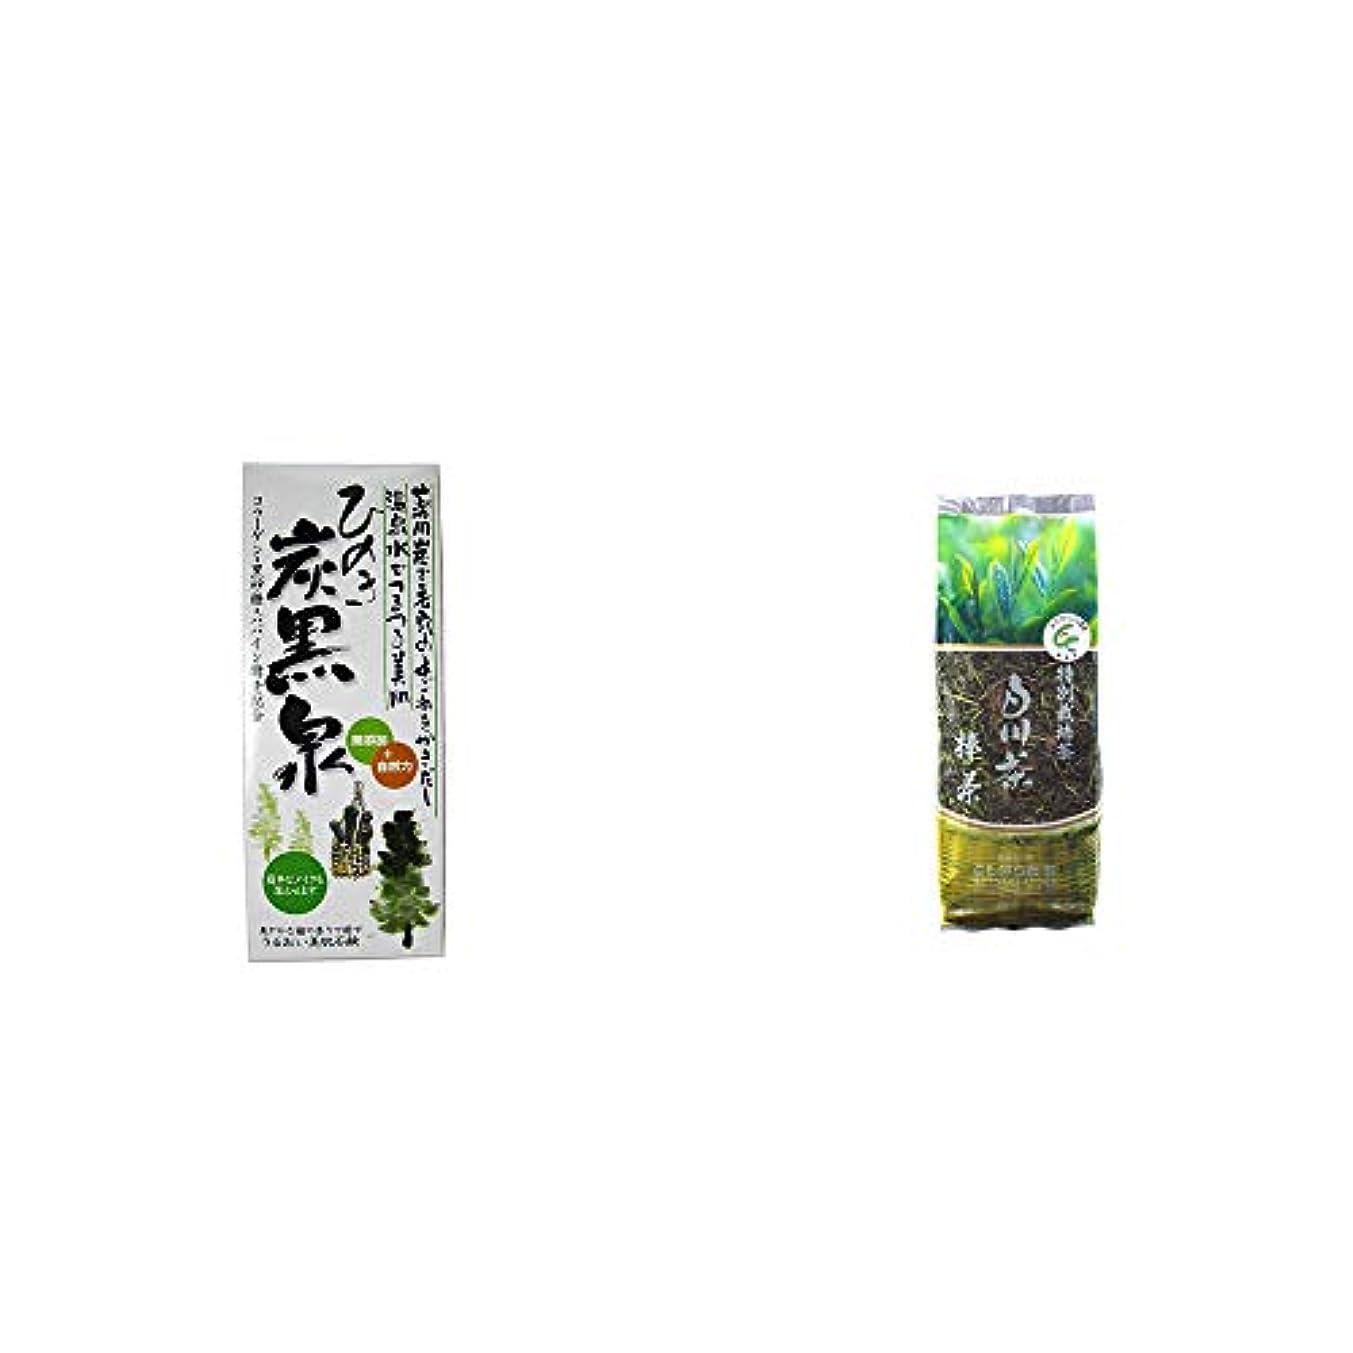 マット秘書思想[2点セット] ひのき炭黒泉 箱入り(75g×3)?白川茶 特別栽培茶【棒茶】(150g)